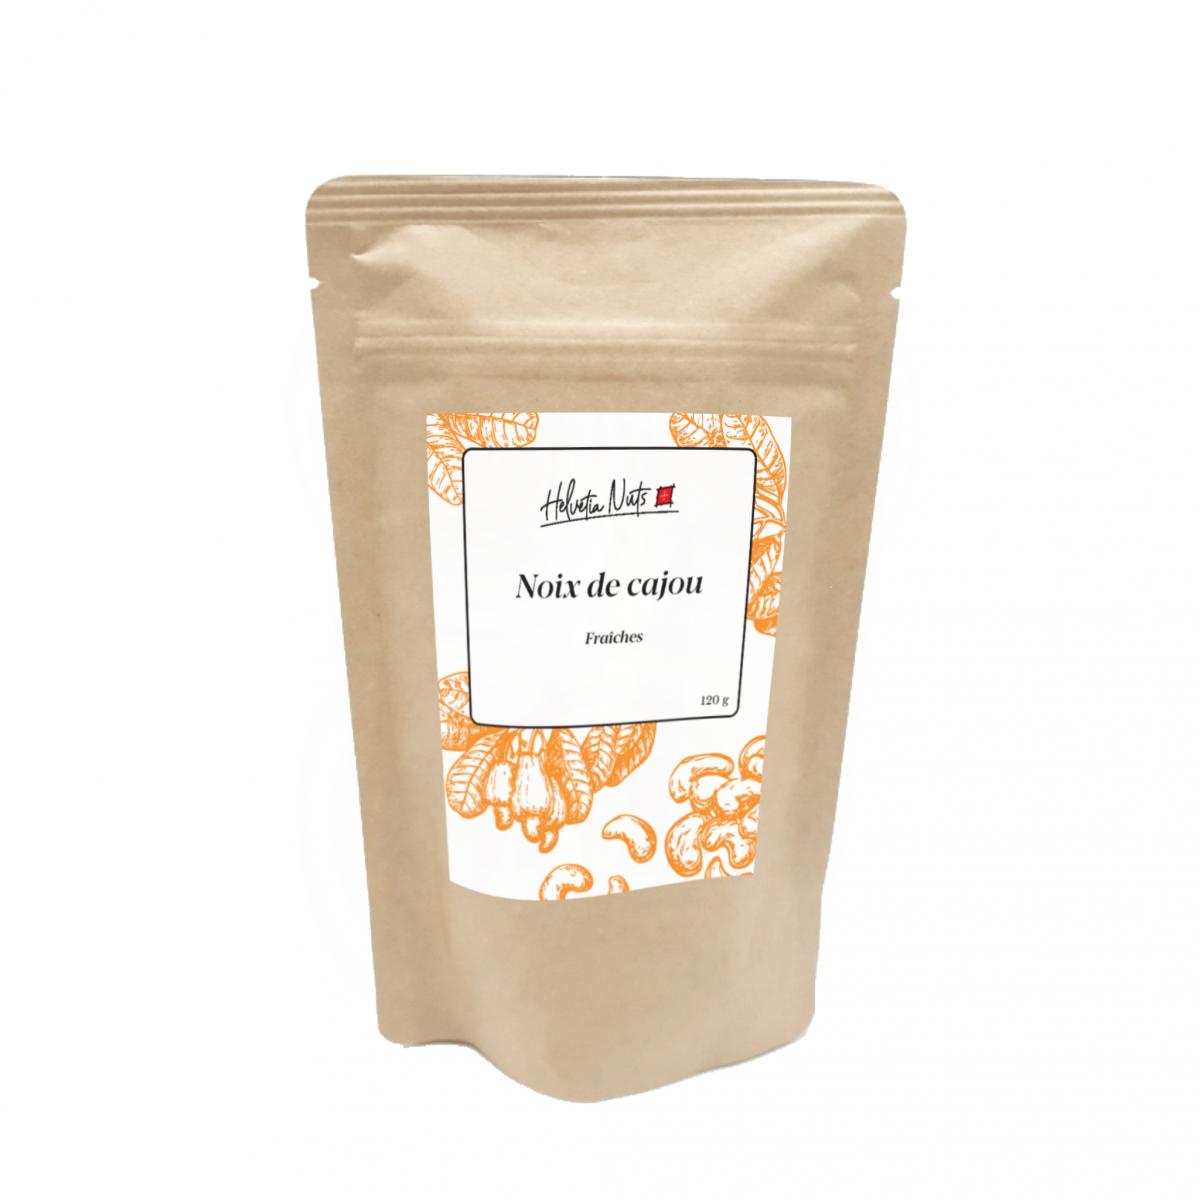 Noix de cajou fraîches - Helvetia Nuts - Salé - HN3